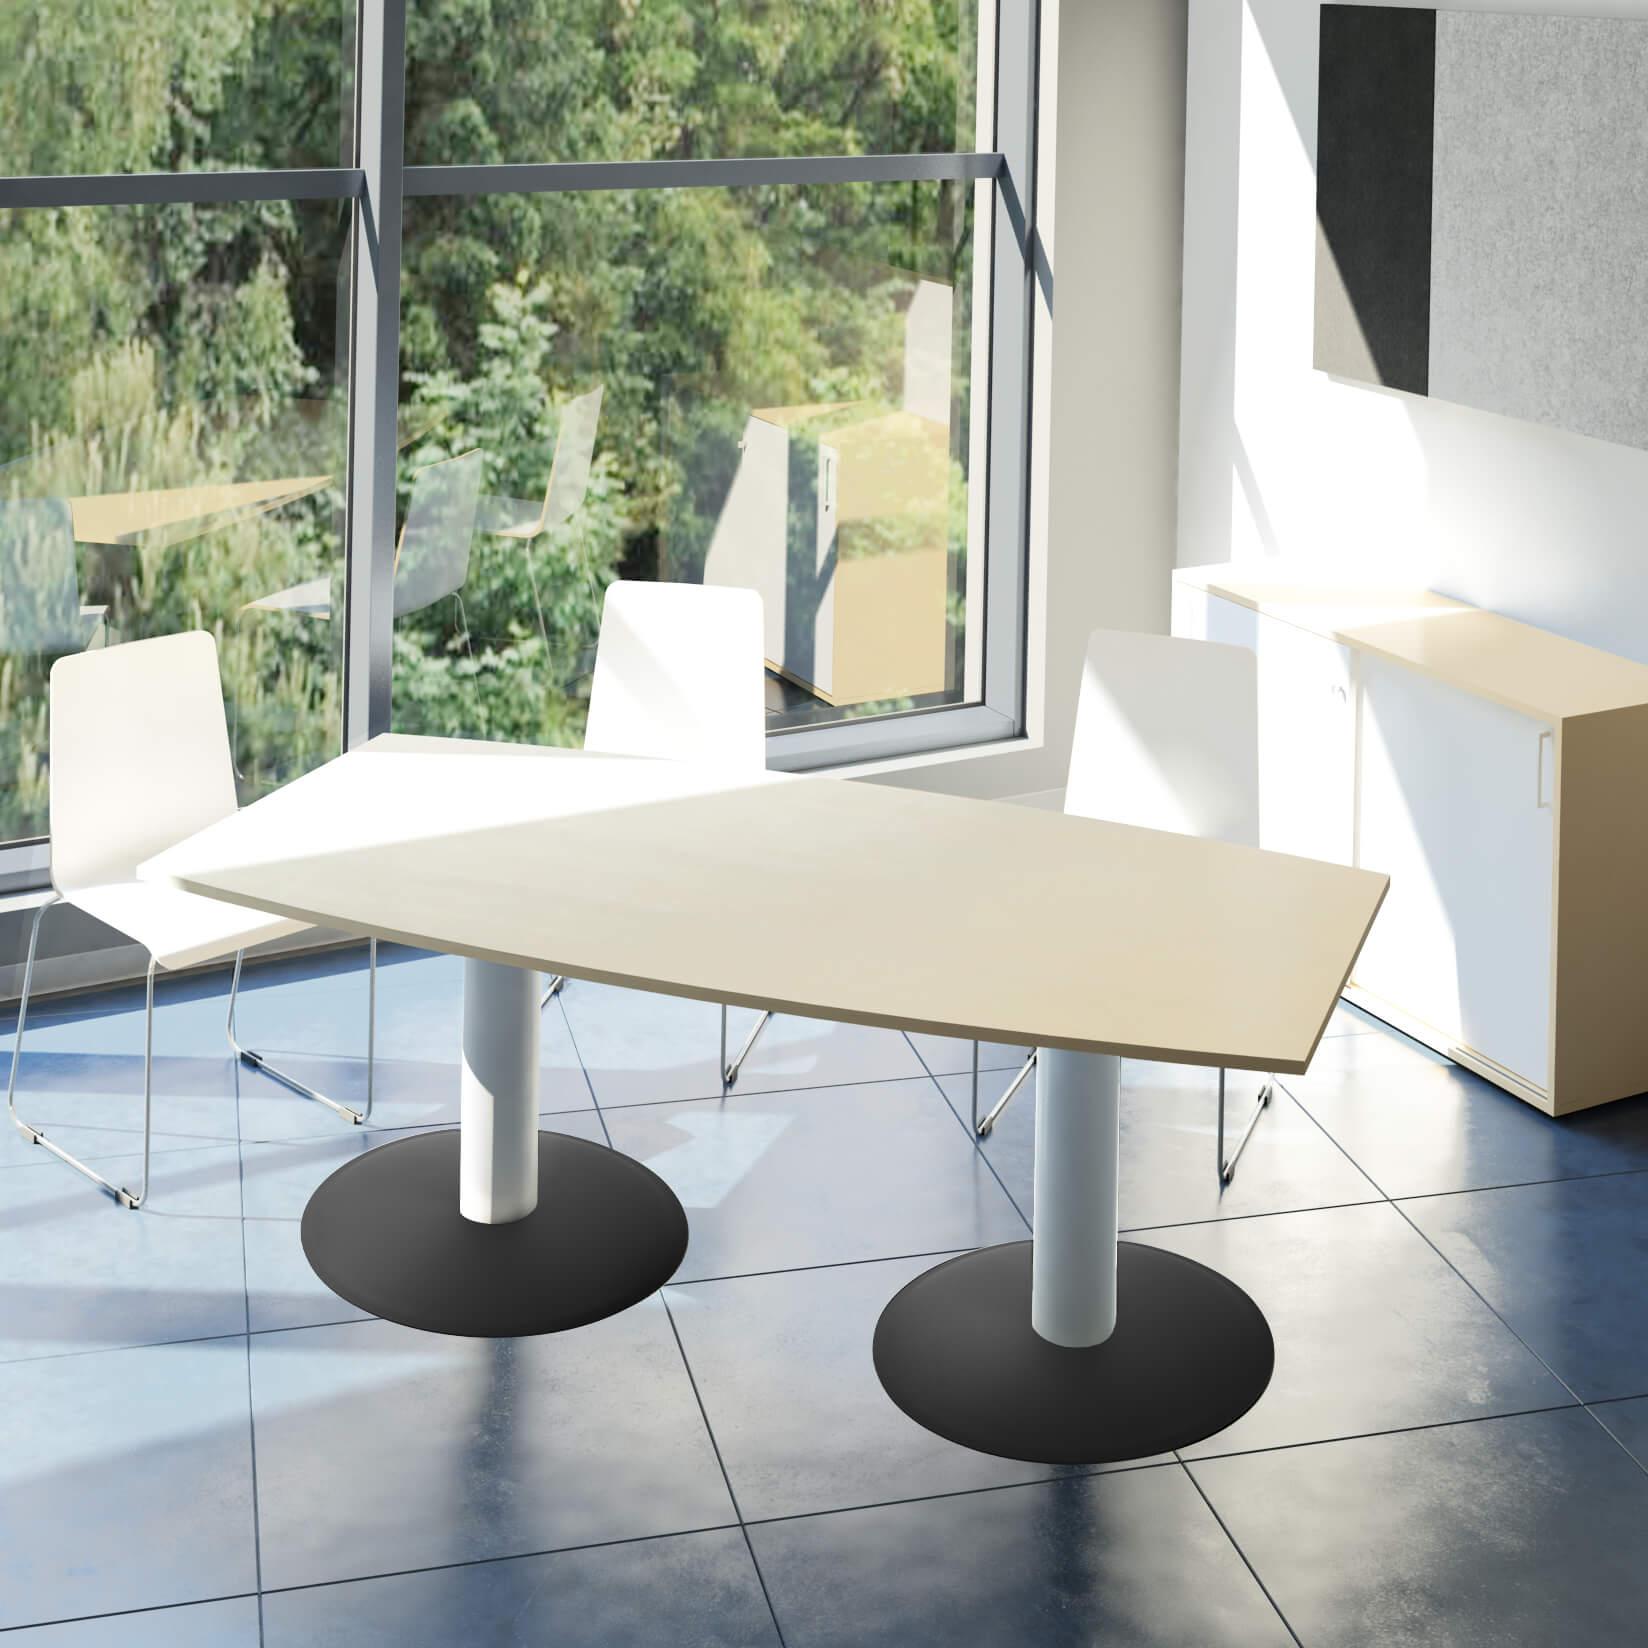 OPTIMA Konferenztisch Bootsform 180x100 cm Besprechungstisch Ahorn Tisch Esstisch Küchentisch